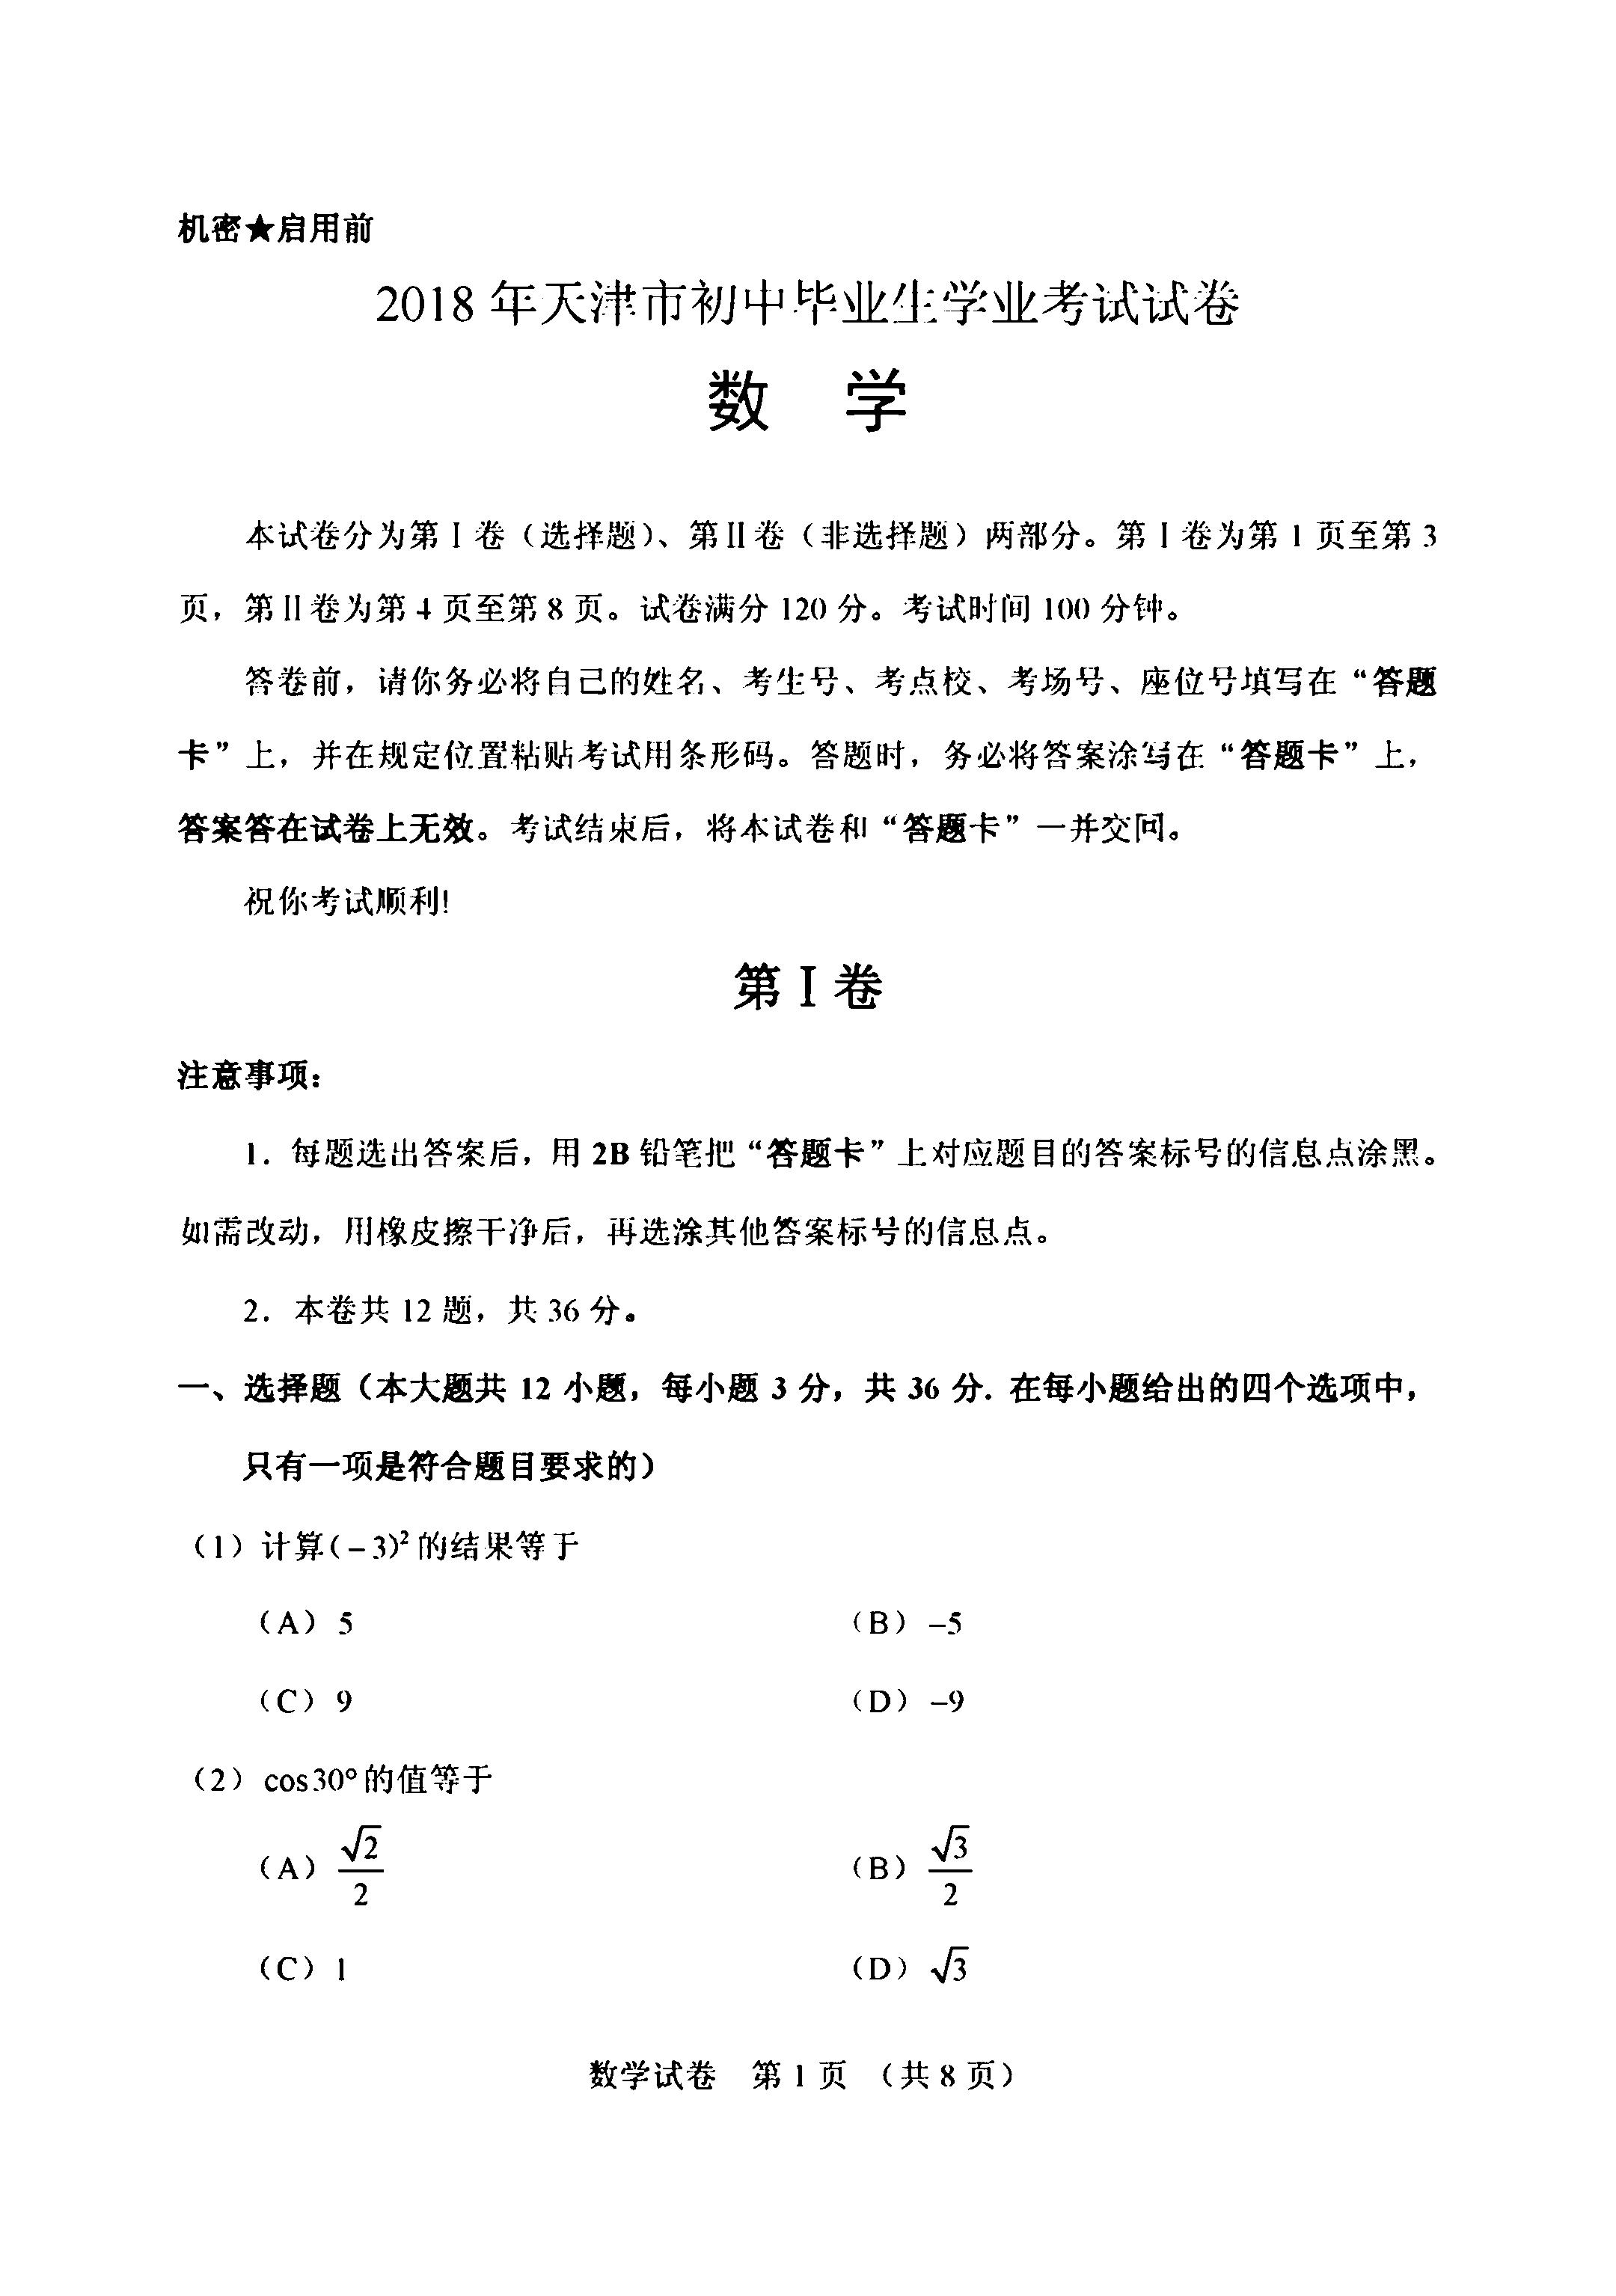 2018年天津中考数学真题及答案已公布